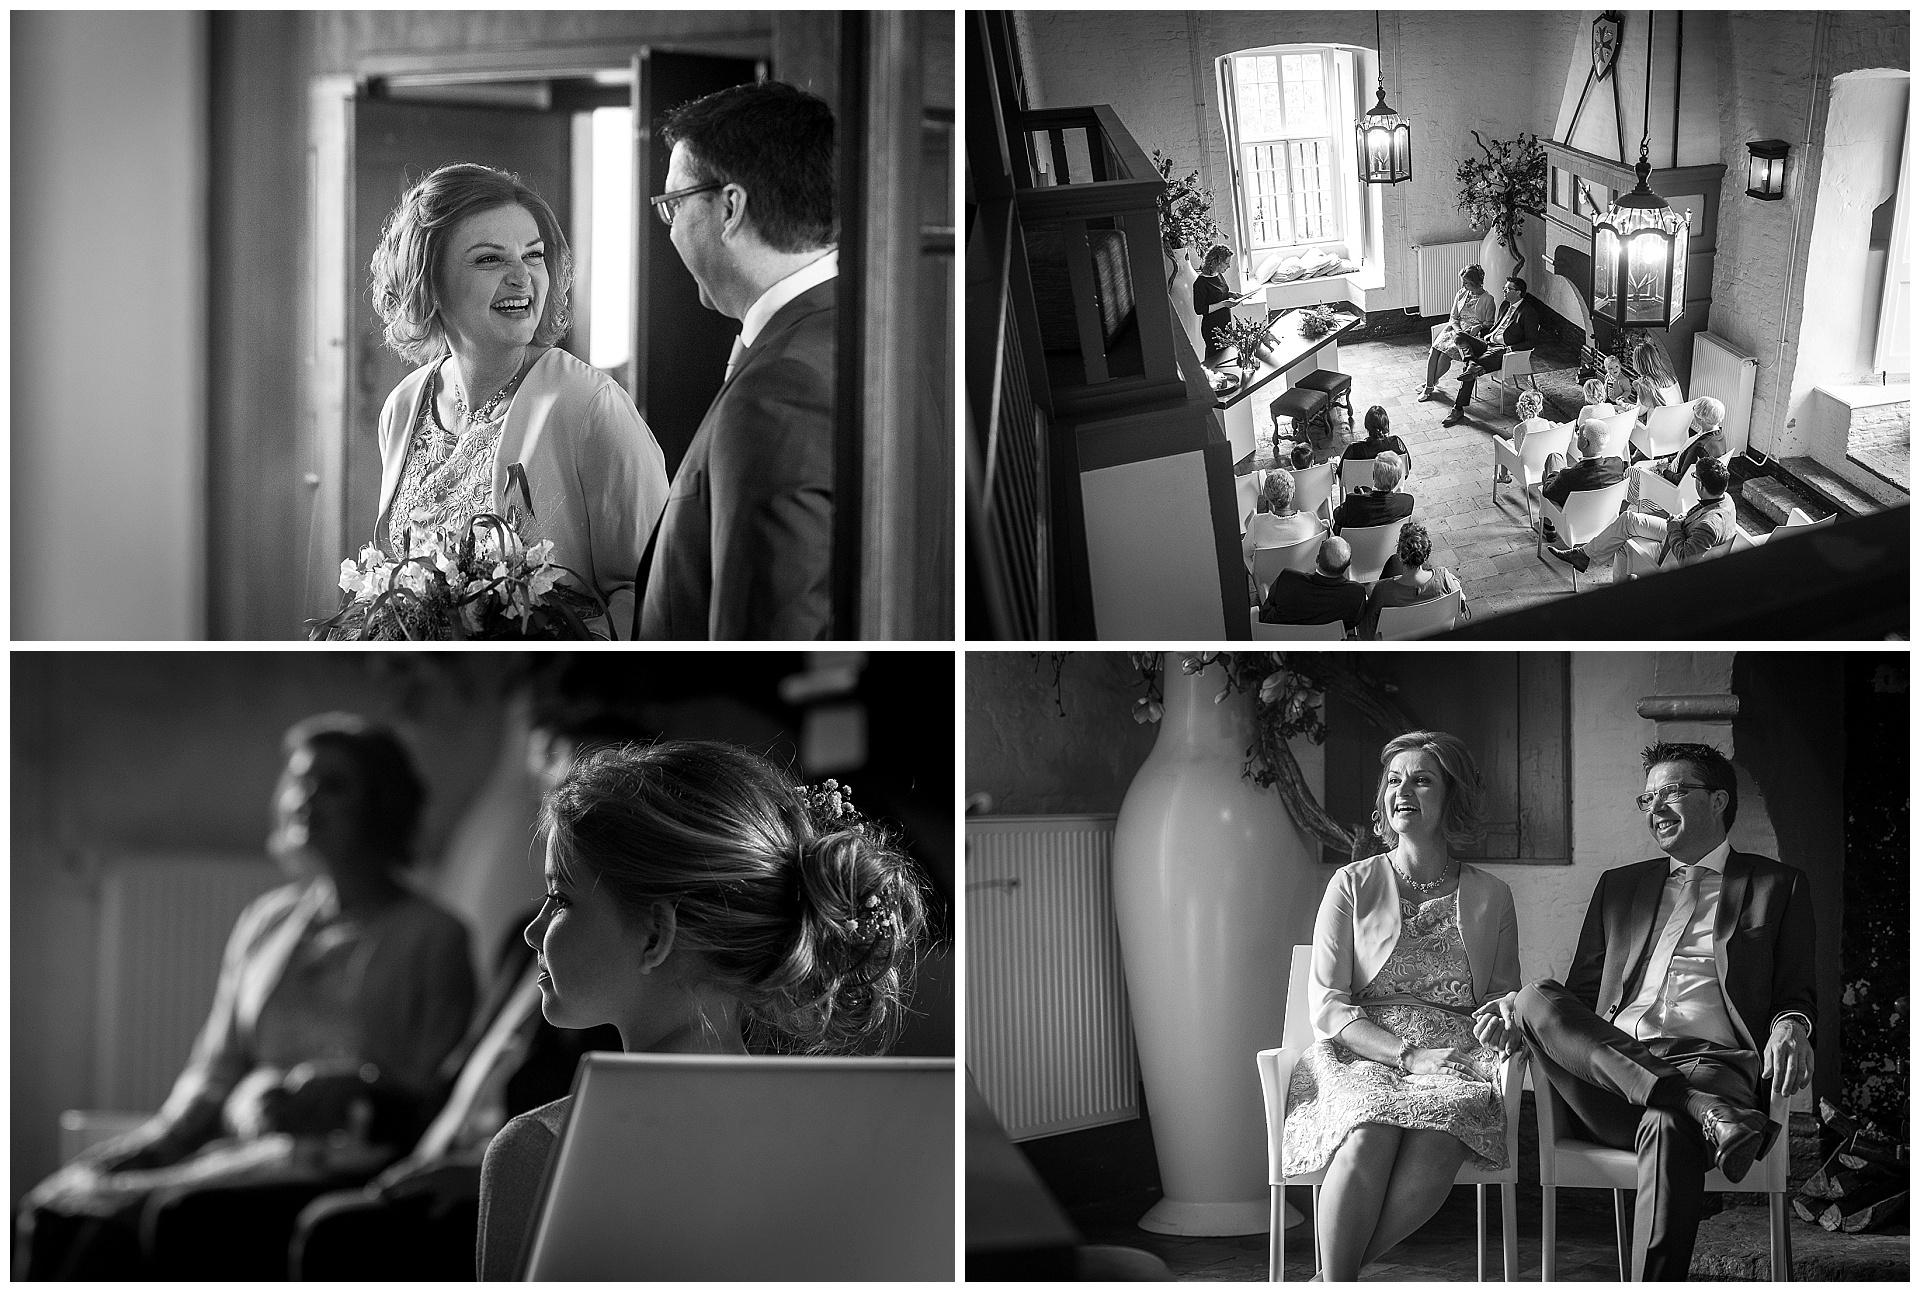 huwelijksceremonie fotografie